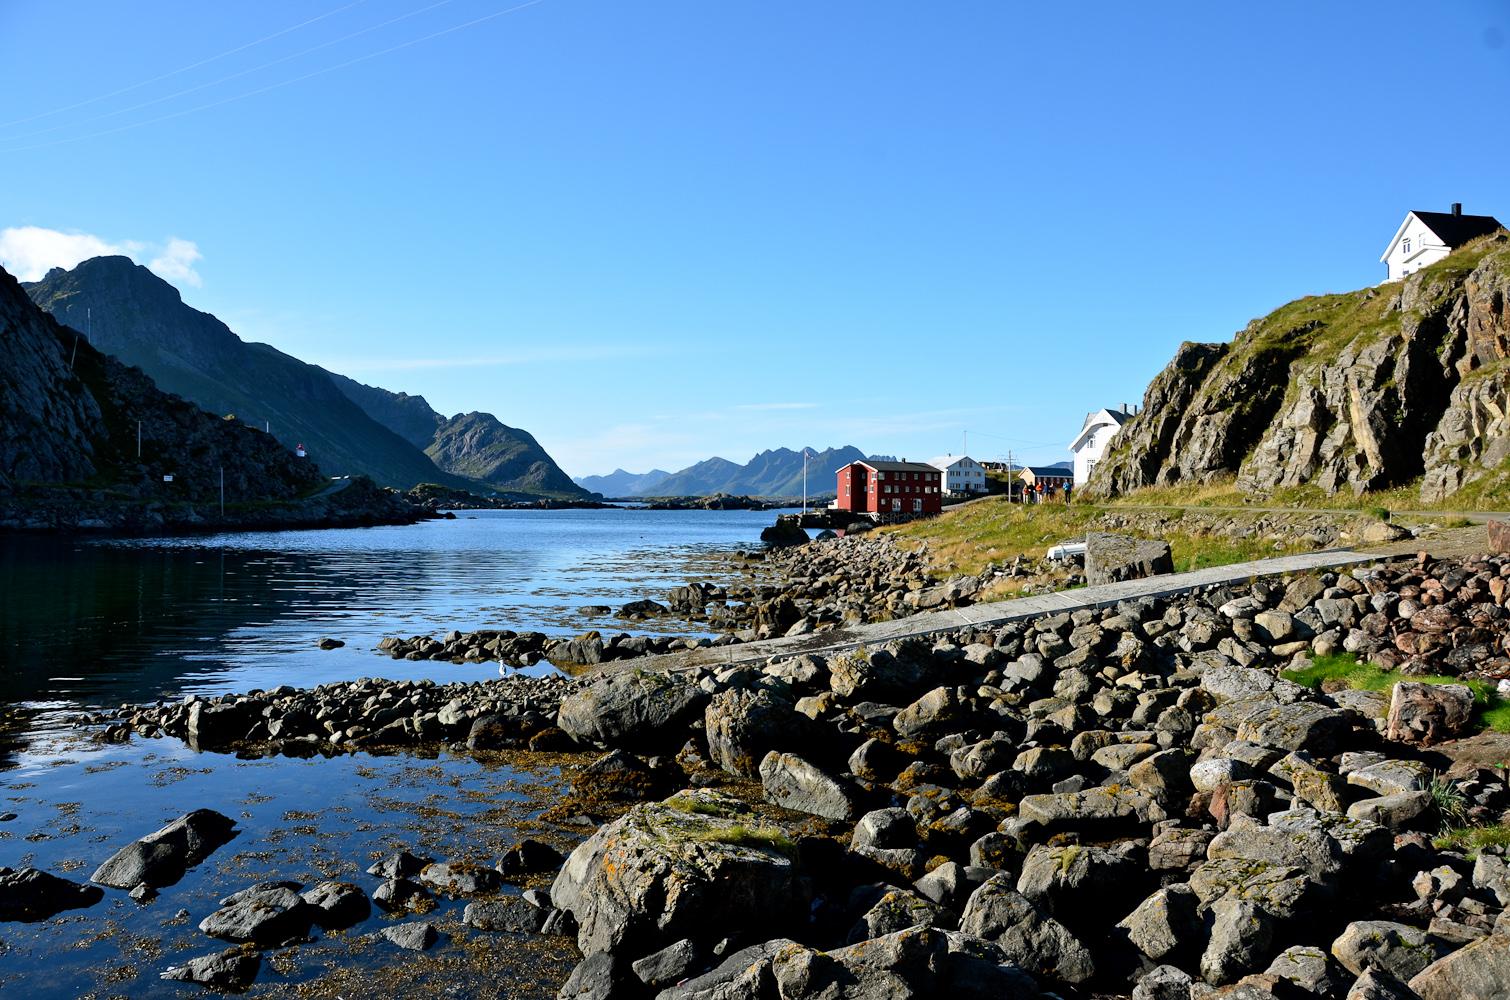 Nyksund un havre de paix aux confins de la norv ge allez giz le - Office de tourisme norvege ...